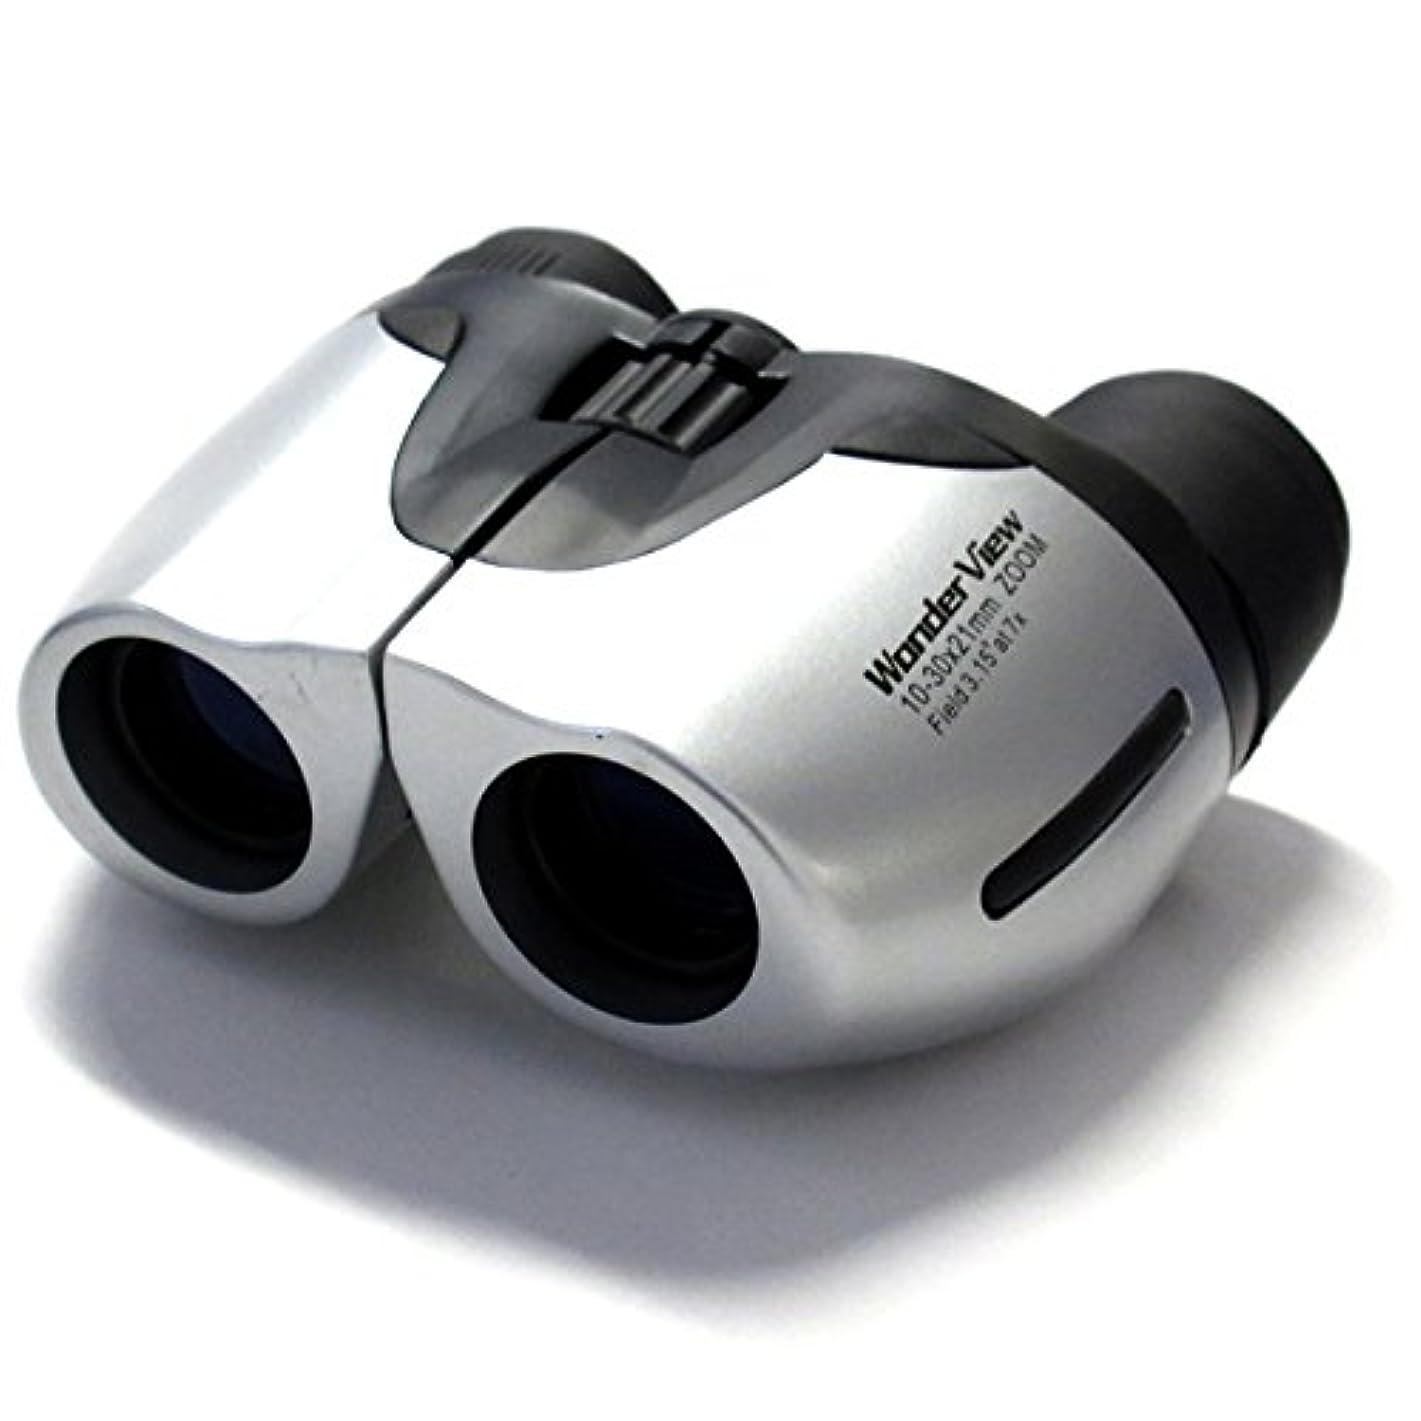 歩道群れシンポジウムスポーツ観戦、室内でのご使用にピッタリ! Vegetable 双眼鏡 WonderView 10-30倍ズーム レンズ有効径21mm シルバー 10-30X21